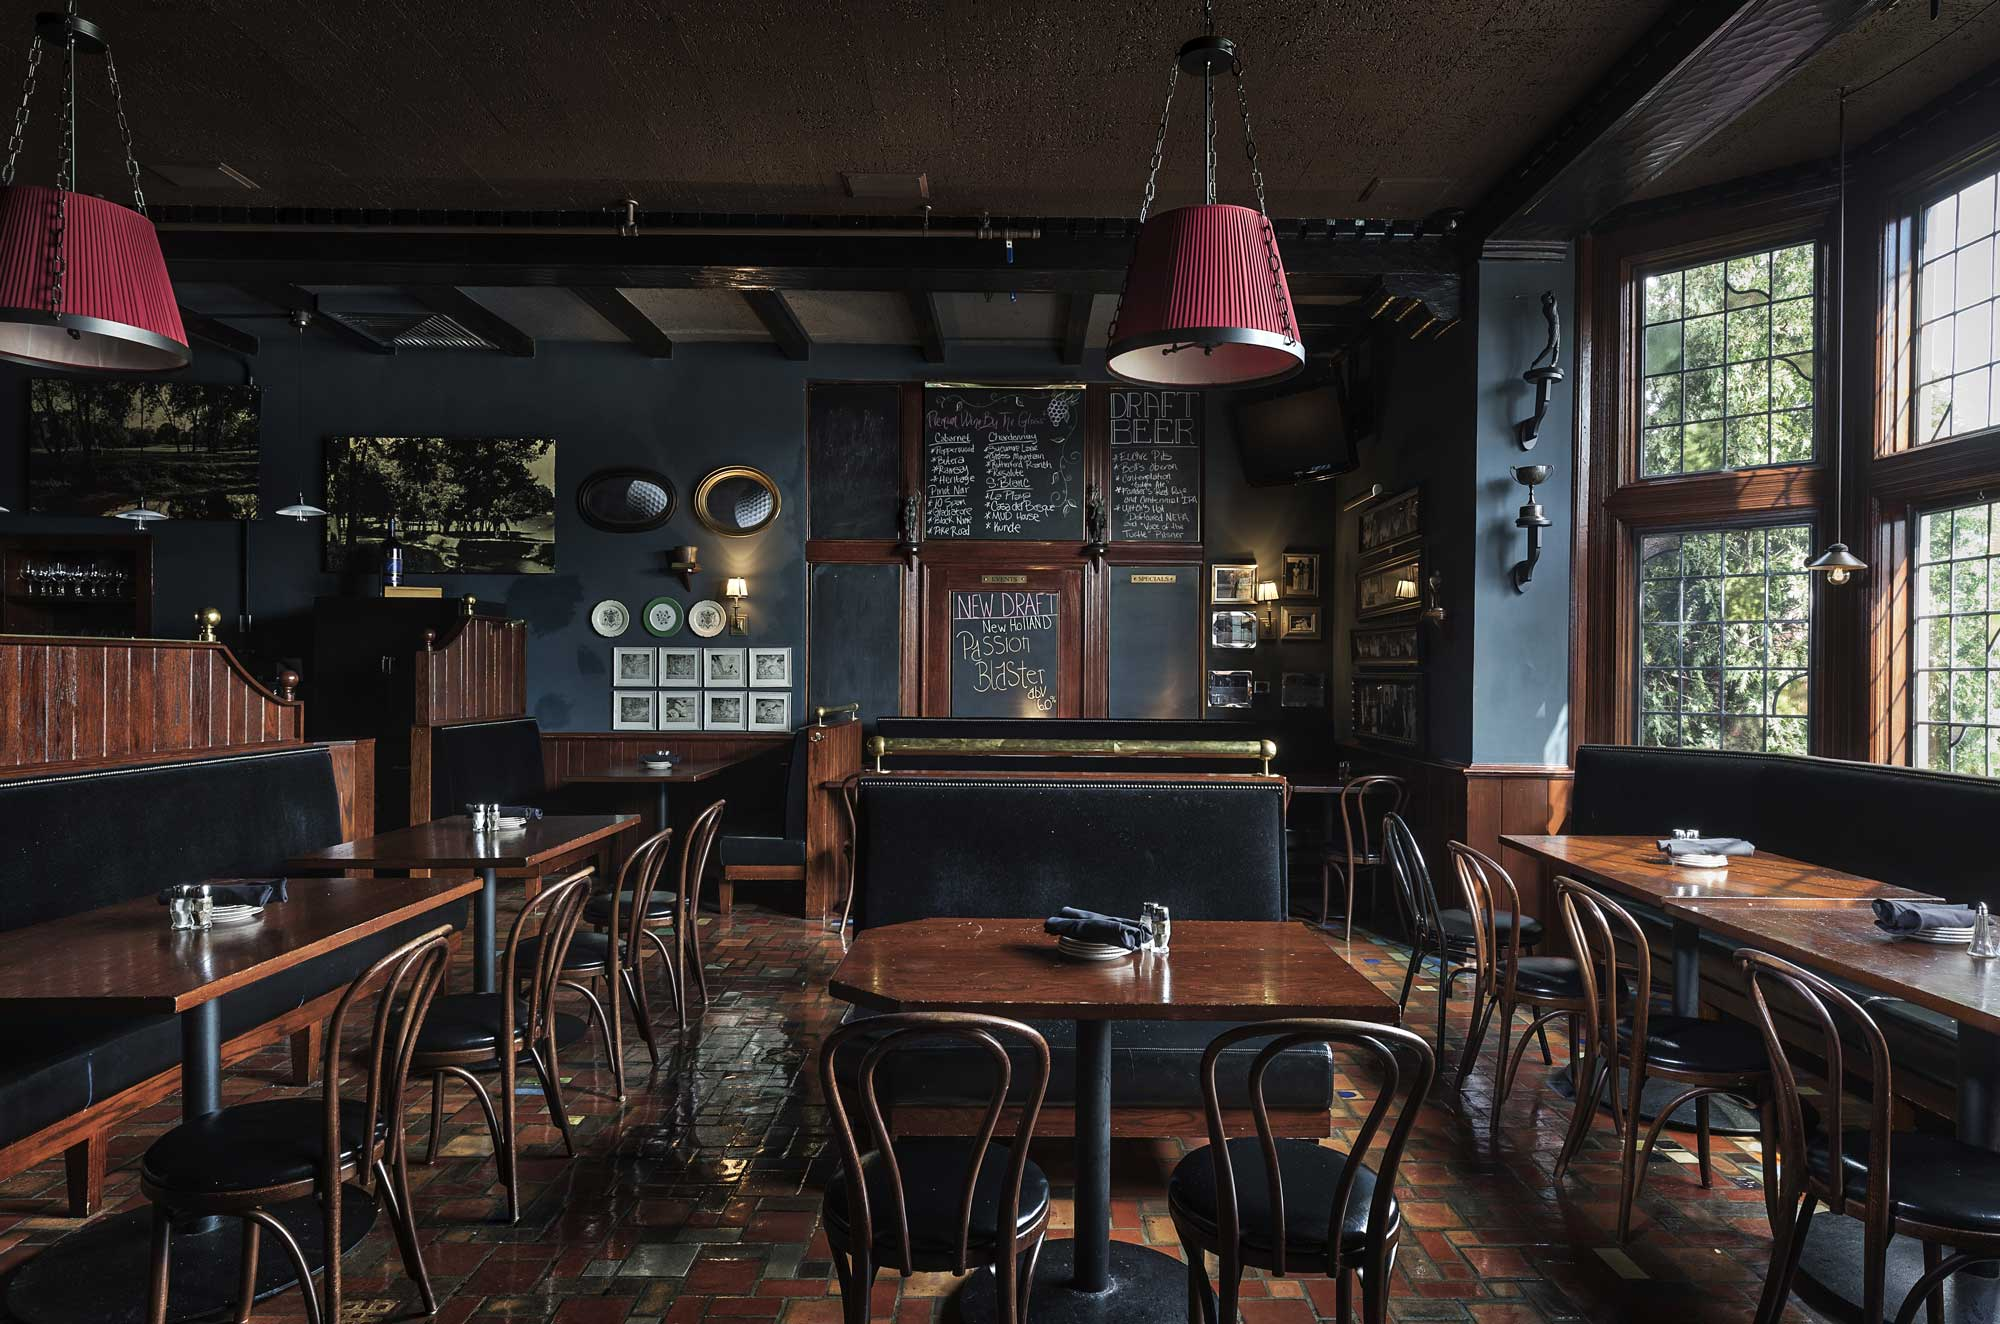 Birmingham Country Club restaurant